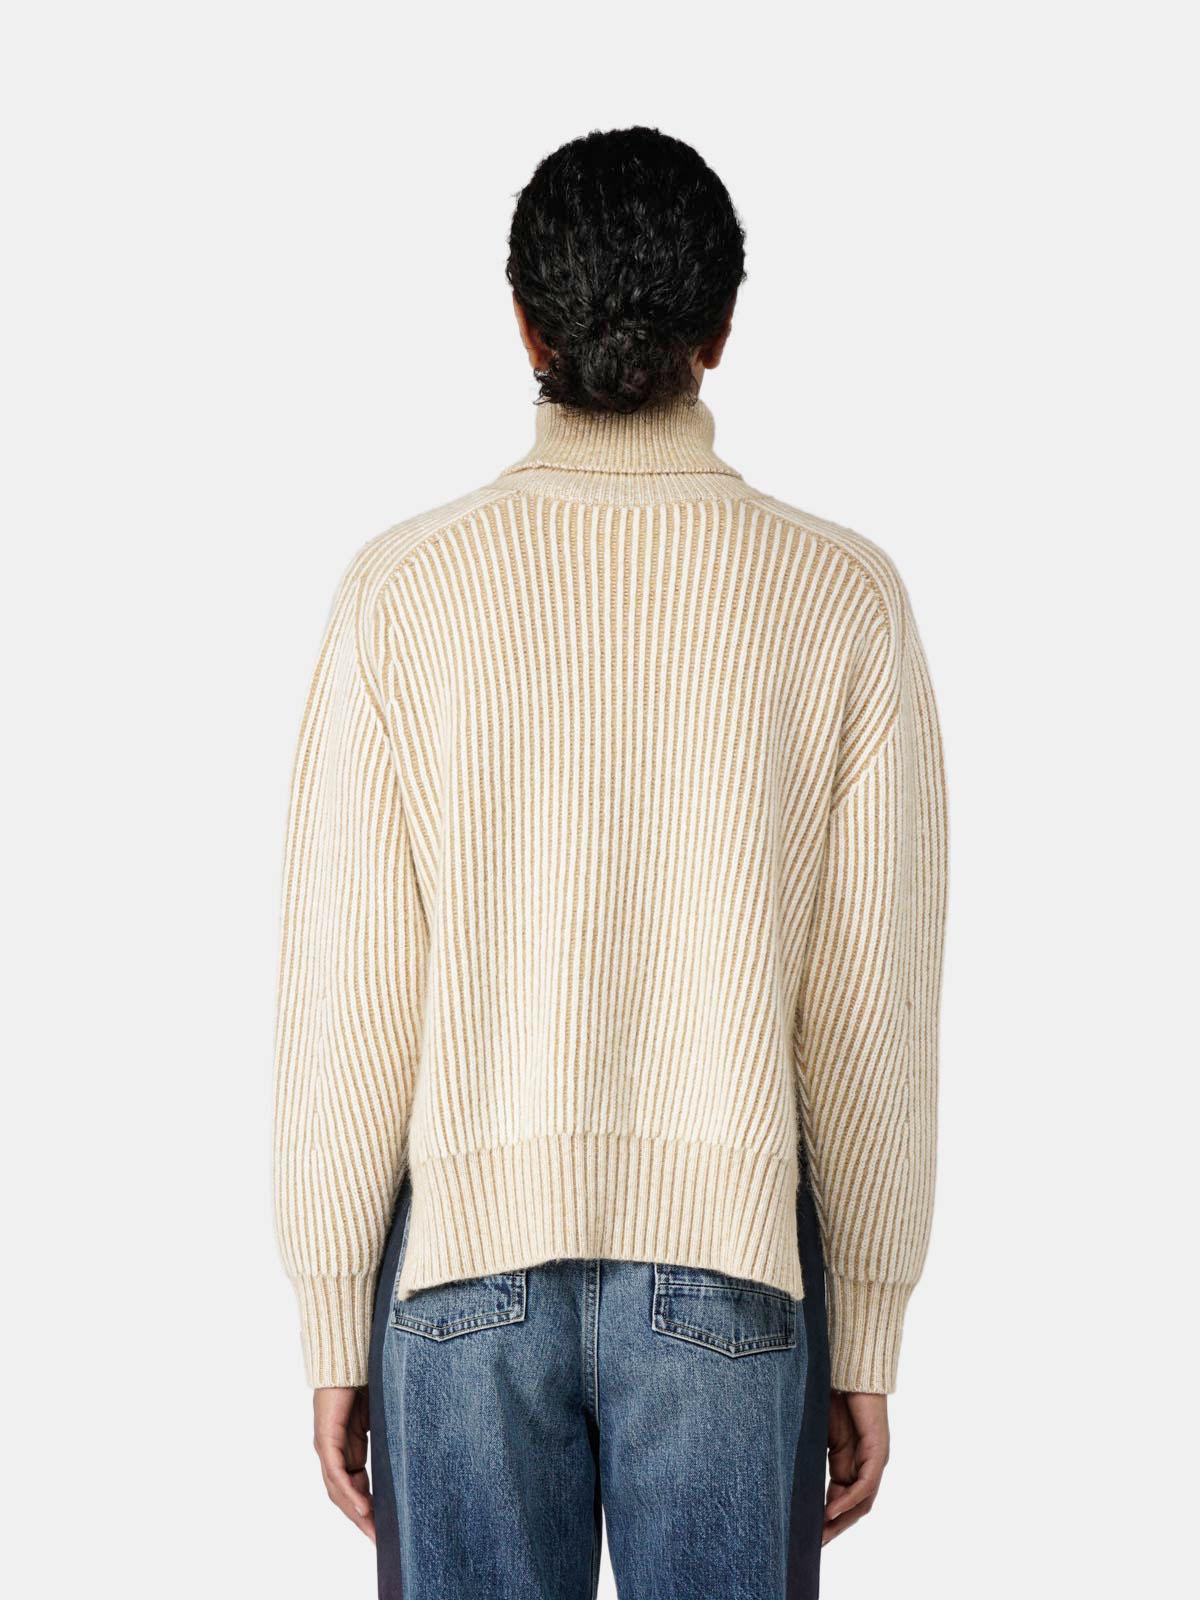 Golden Goose - Caitlyn turtleneck sweater in vanisé wool in